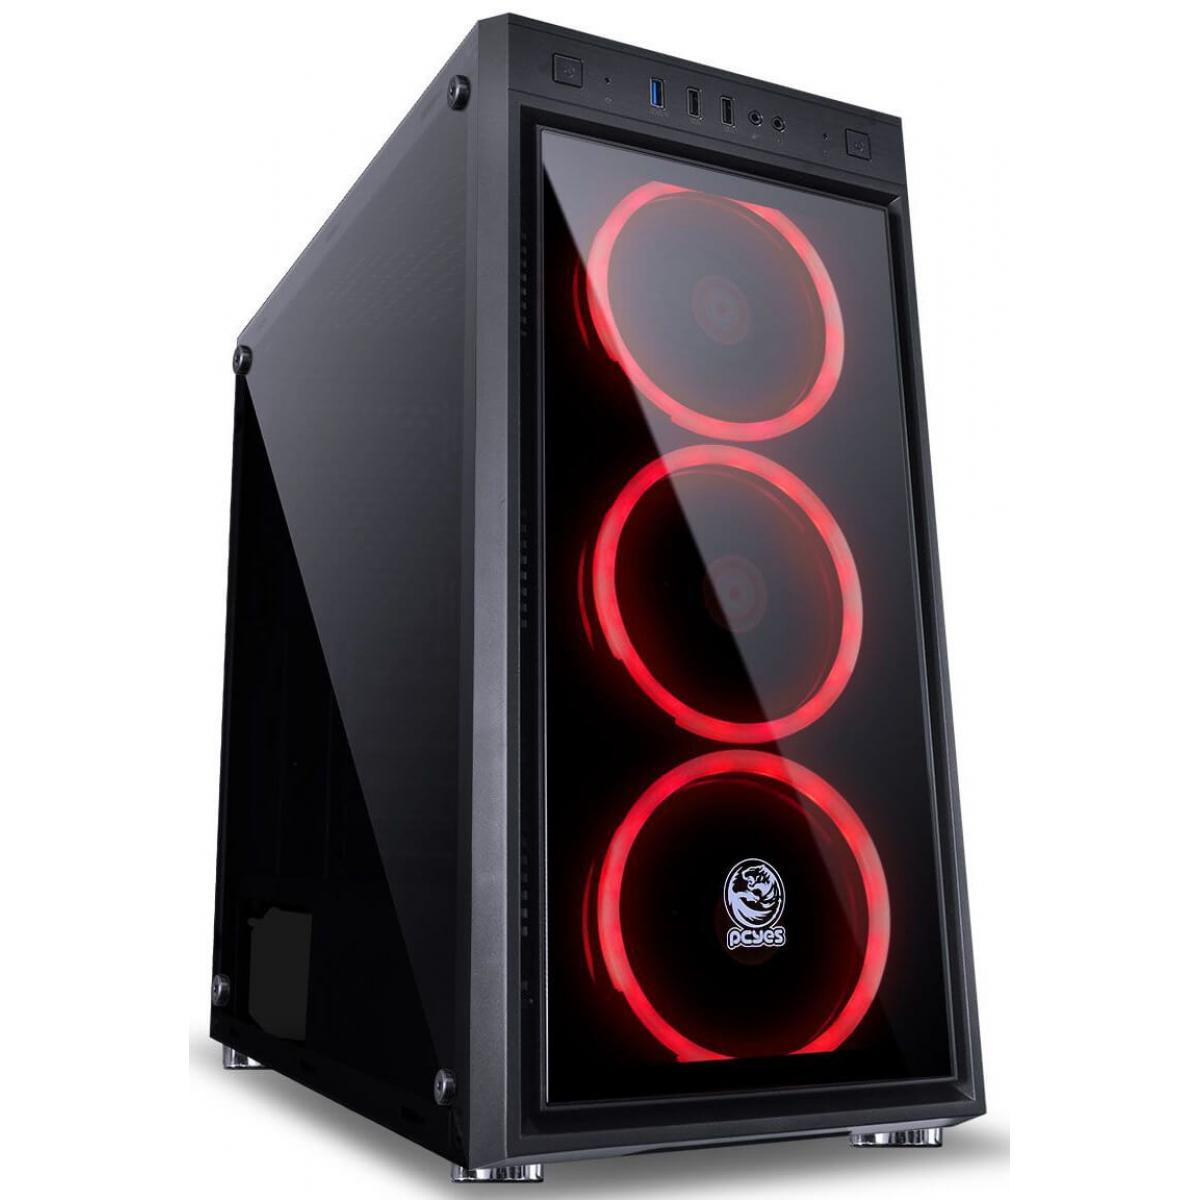 Gabinete Gamer PCyes Jupiter, Mid Tower, Com 3 Fans RGB, Vidro Temperado, Black, S-Fonte, JUPPT7C3FCV